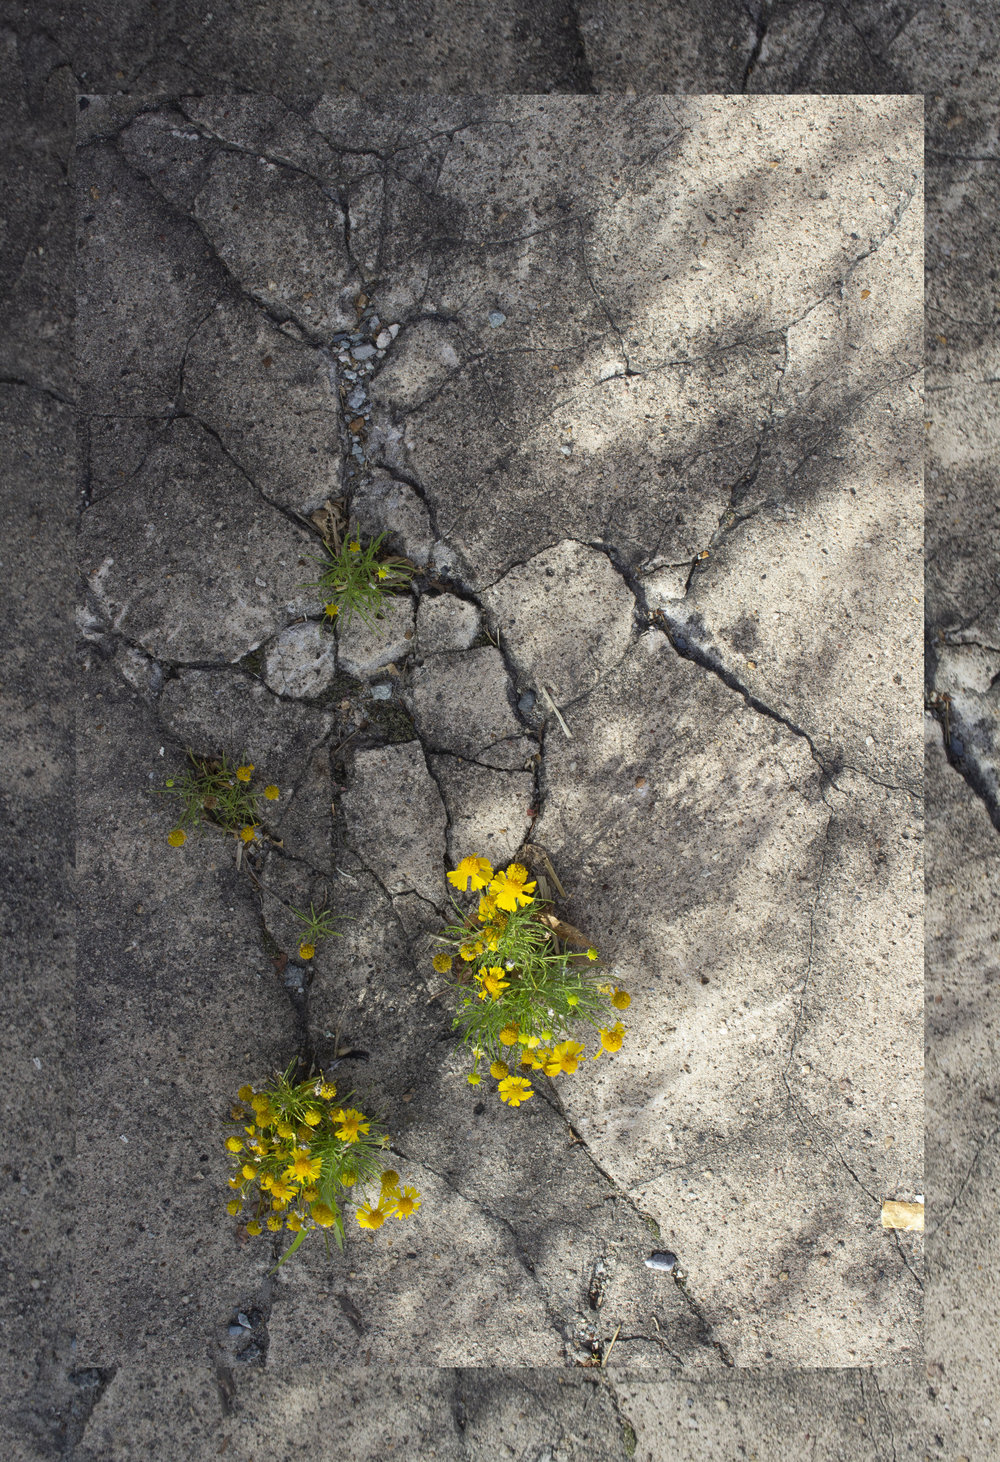 flowers_n_concrete-2.jpg